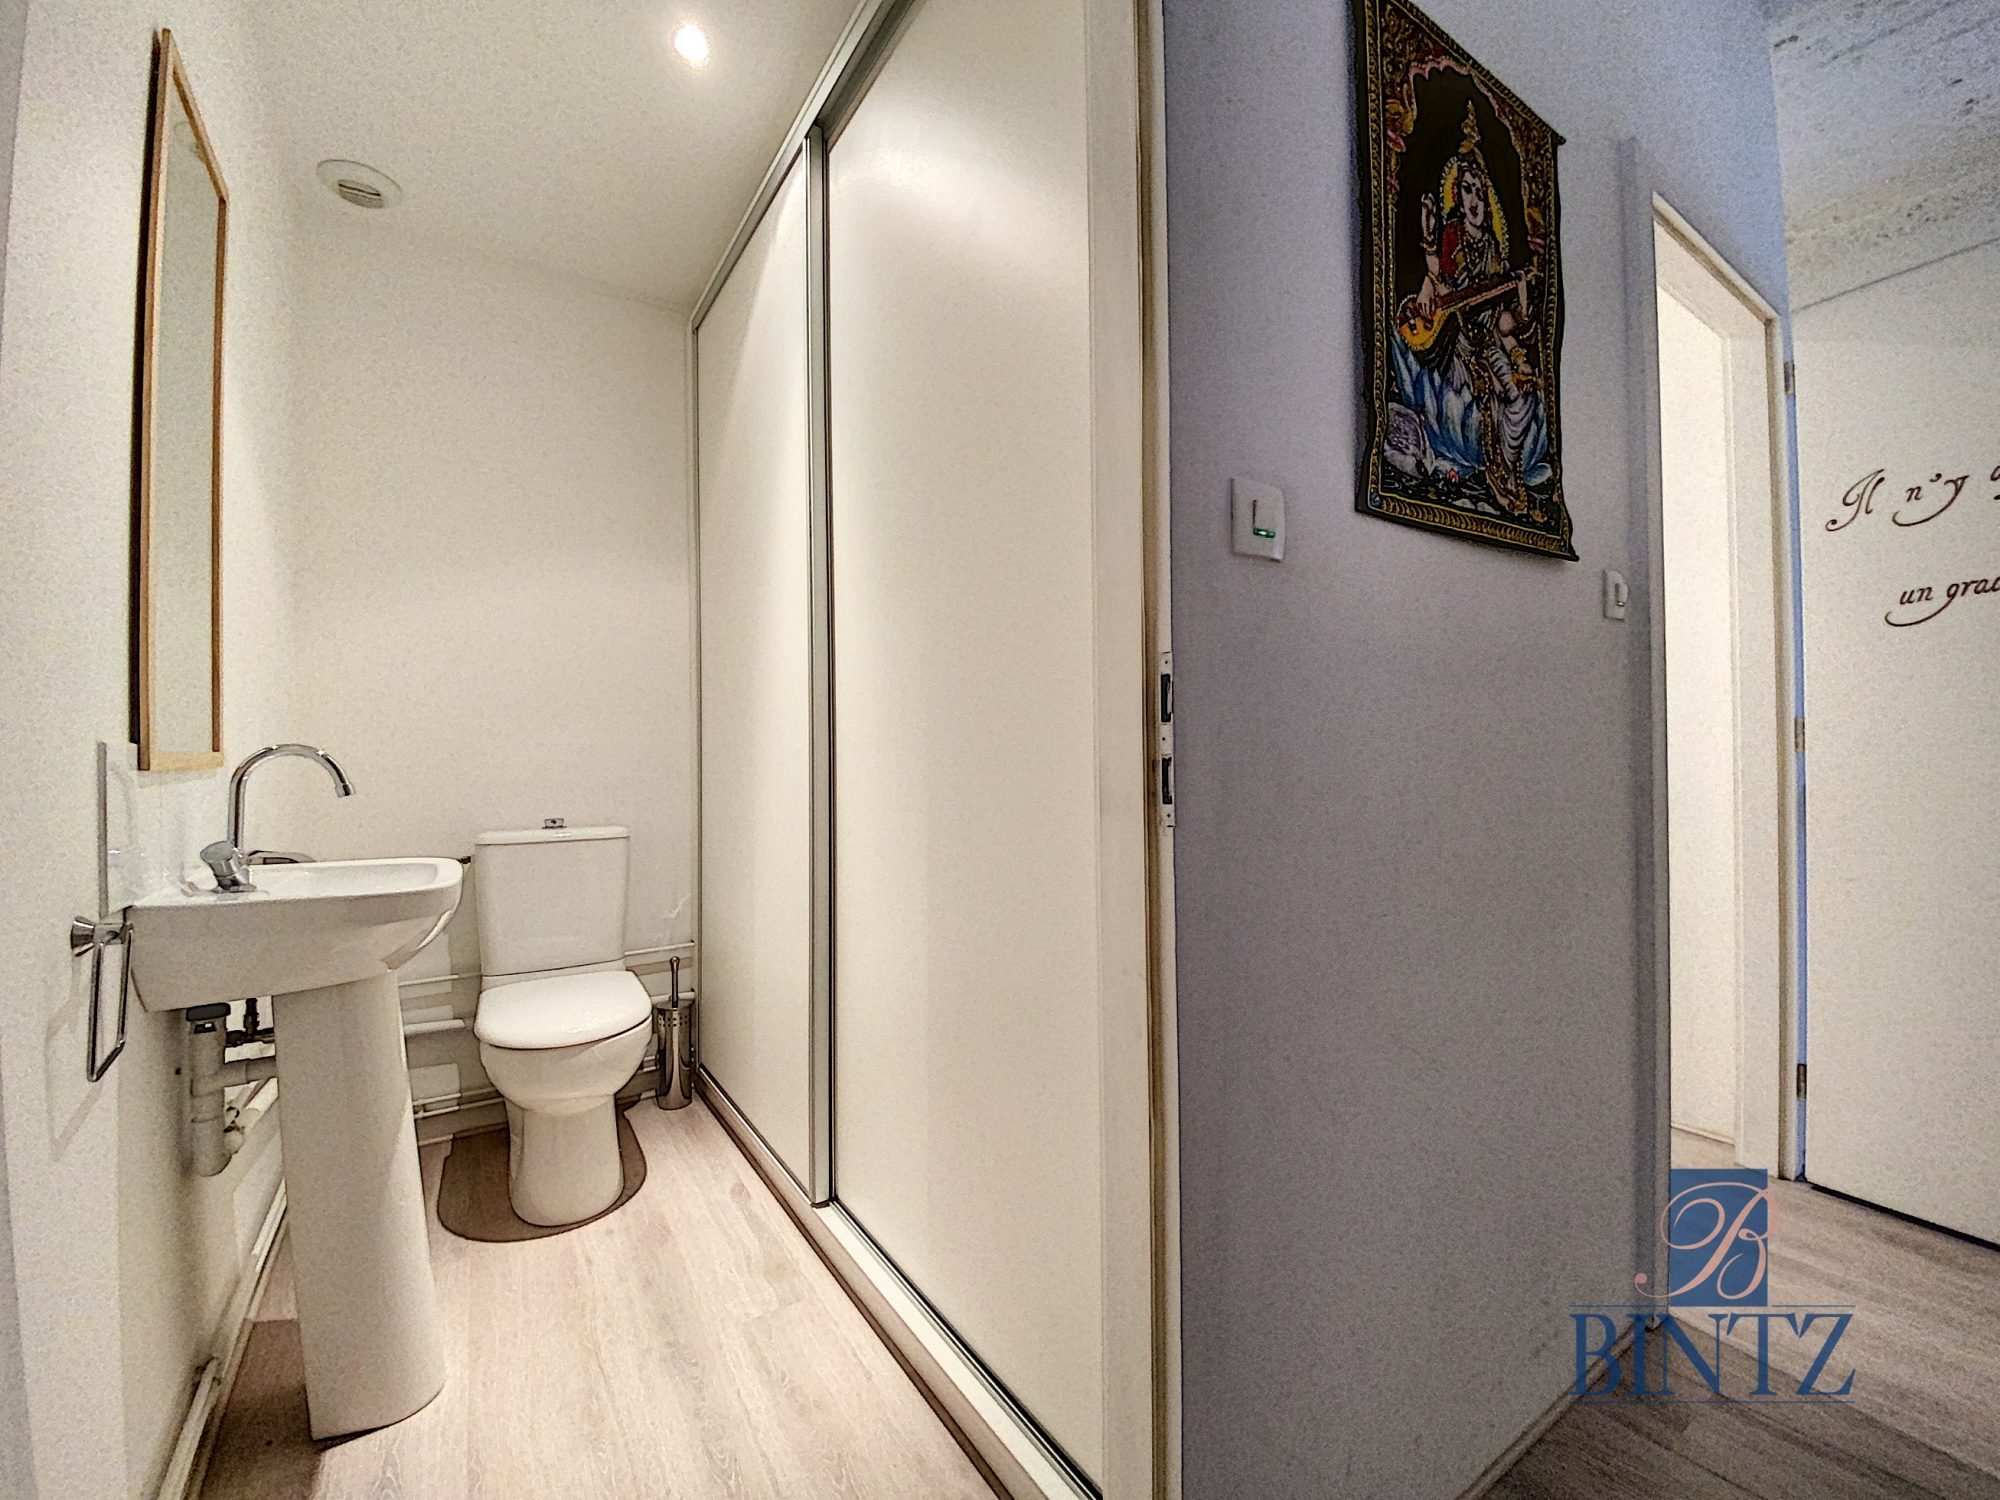 Plateau commercial à Louer Centre-ville - Devenez locataire en toute sérénité - Bintz Immobilier - 14